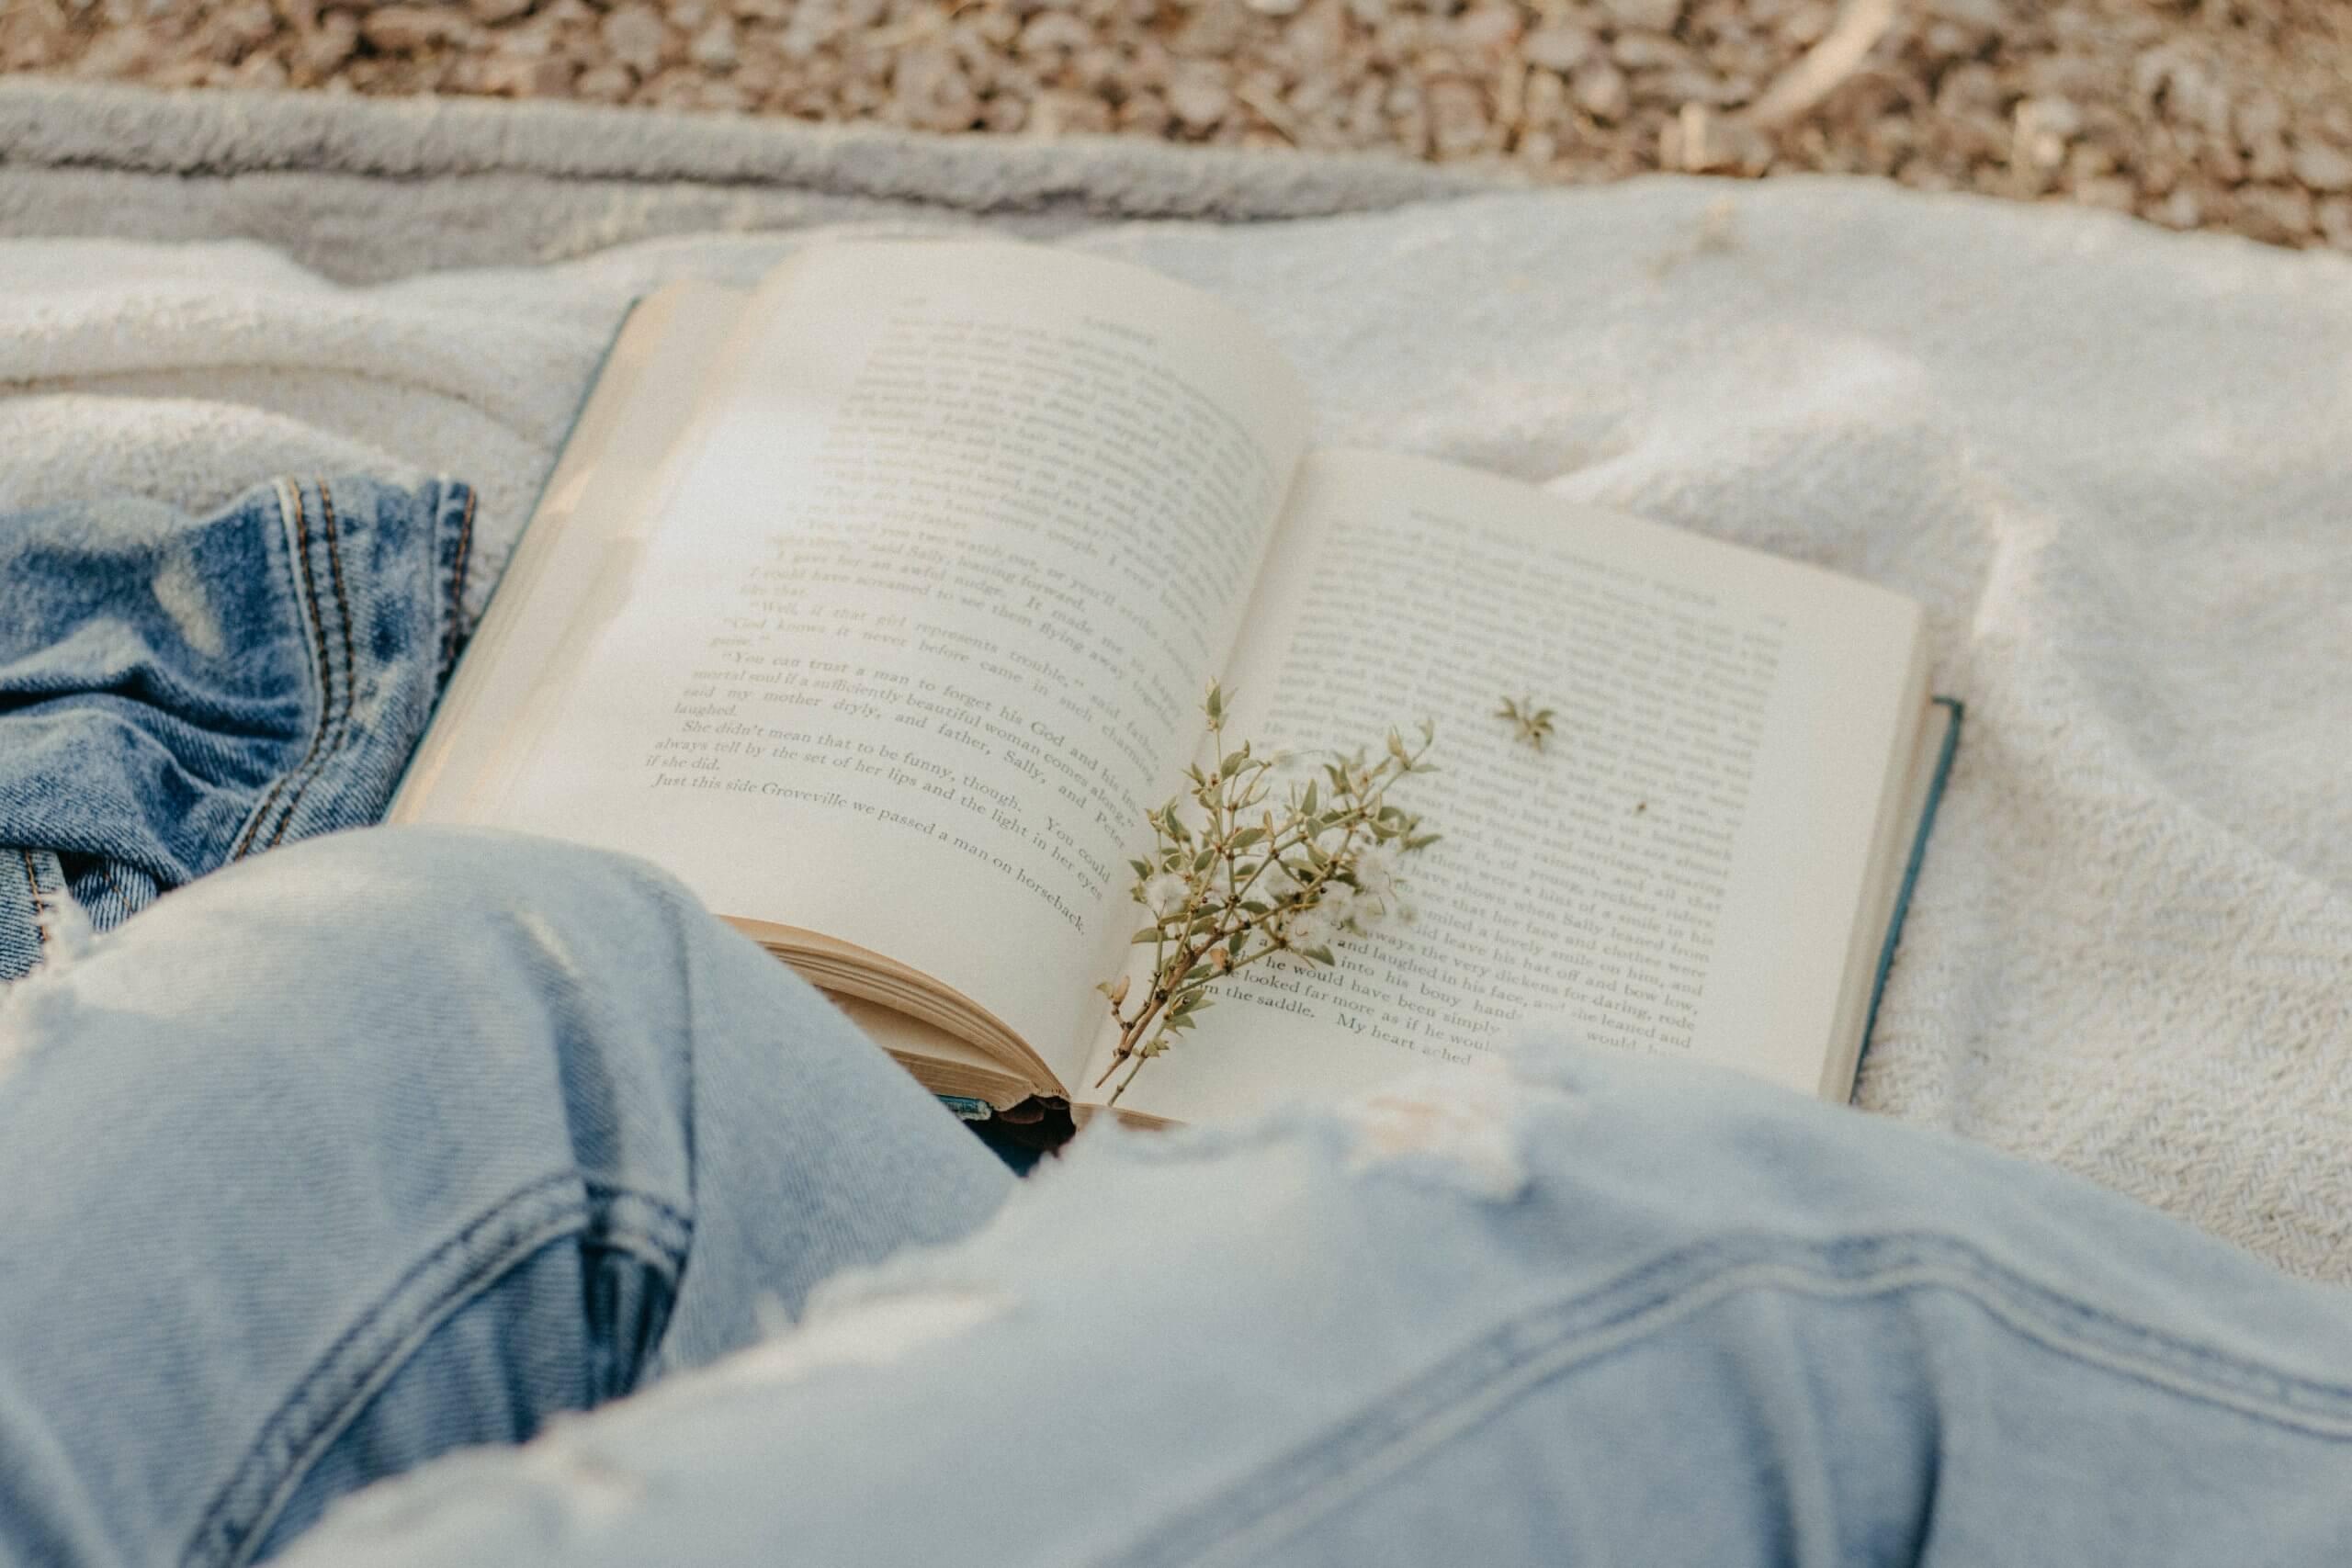 livro aberto sobre uma manta